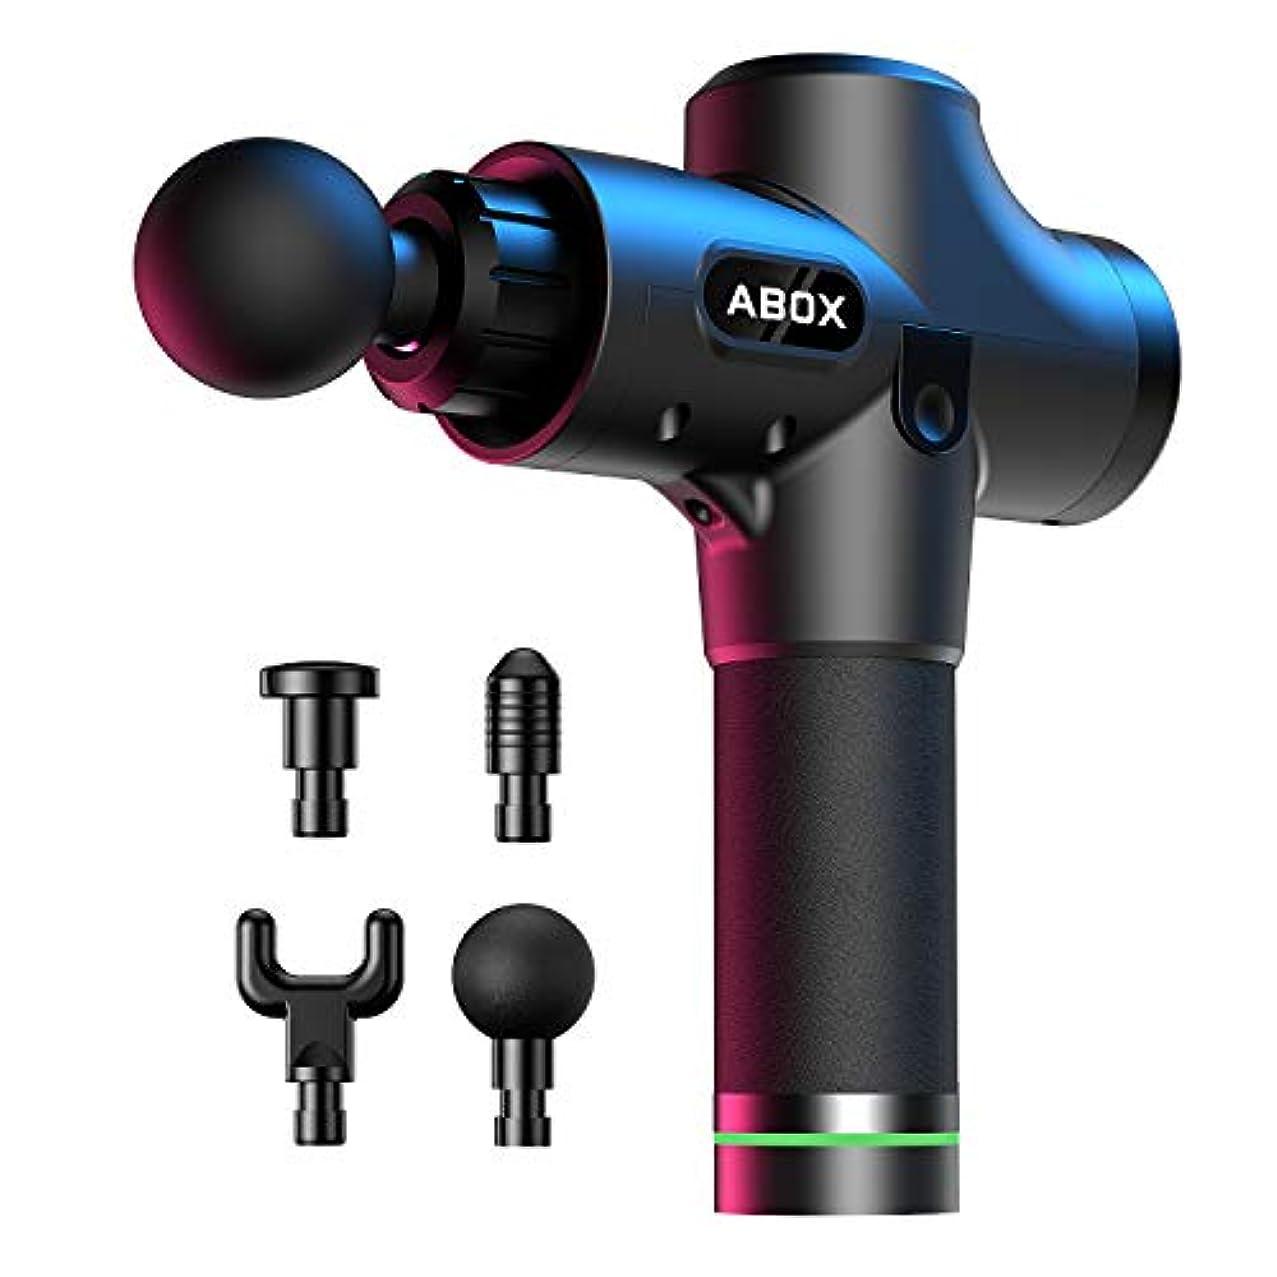 過ち脇に比較的ABOX マッサージガン 筋膜リリース 電動マッサージ器デジタル表示 20レベル調整可能 2500mAh大容量バッテリ 5時間連続使用 肩こり緩和 筋膜マッサージ 運動後回復 4つヘッド 入れ箱付き